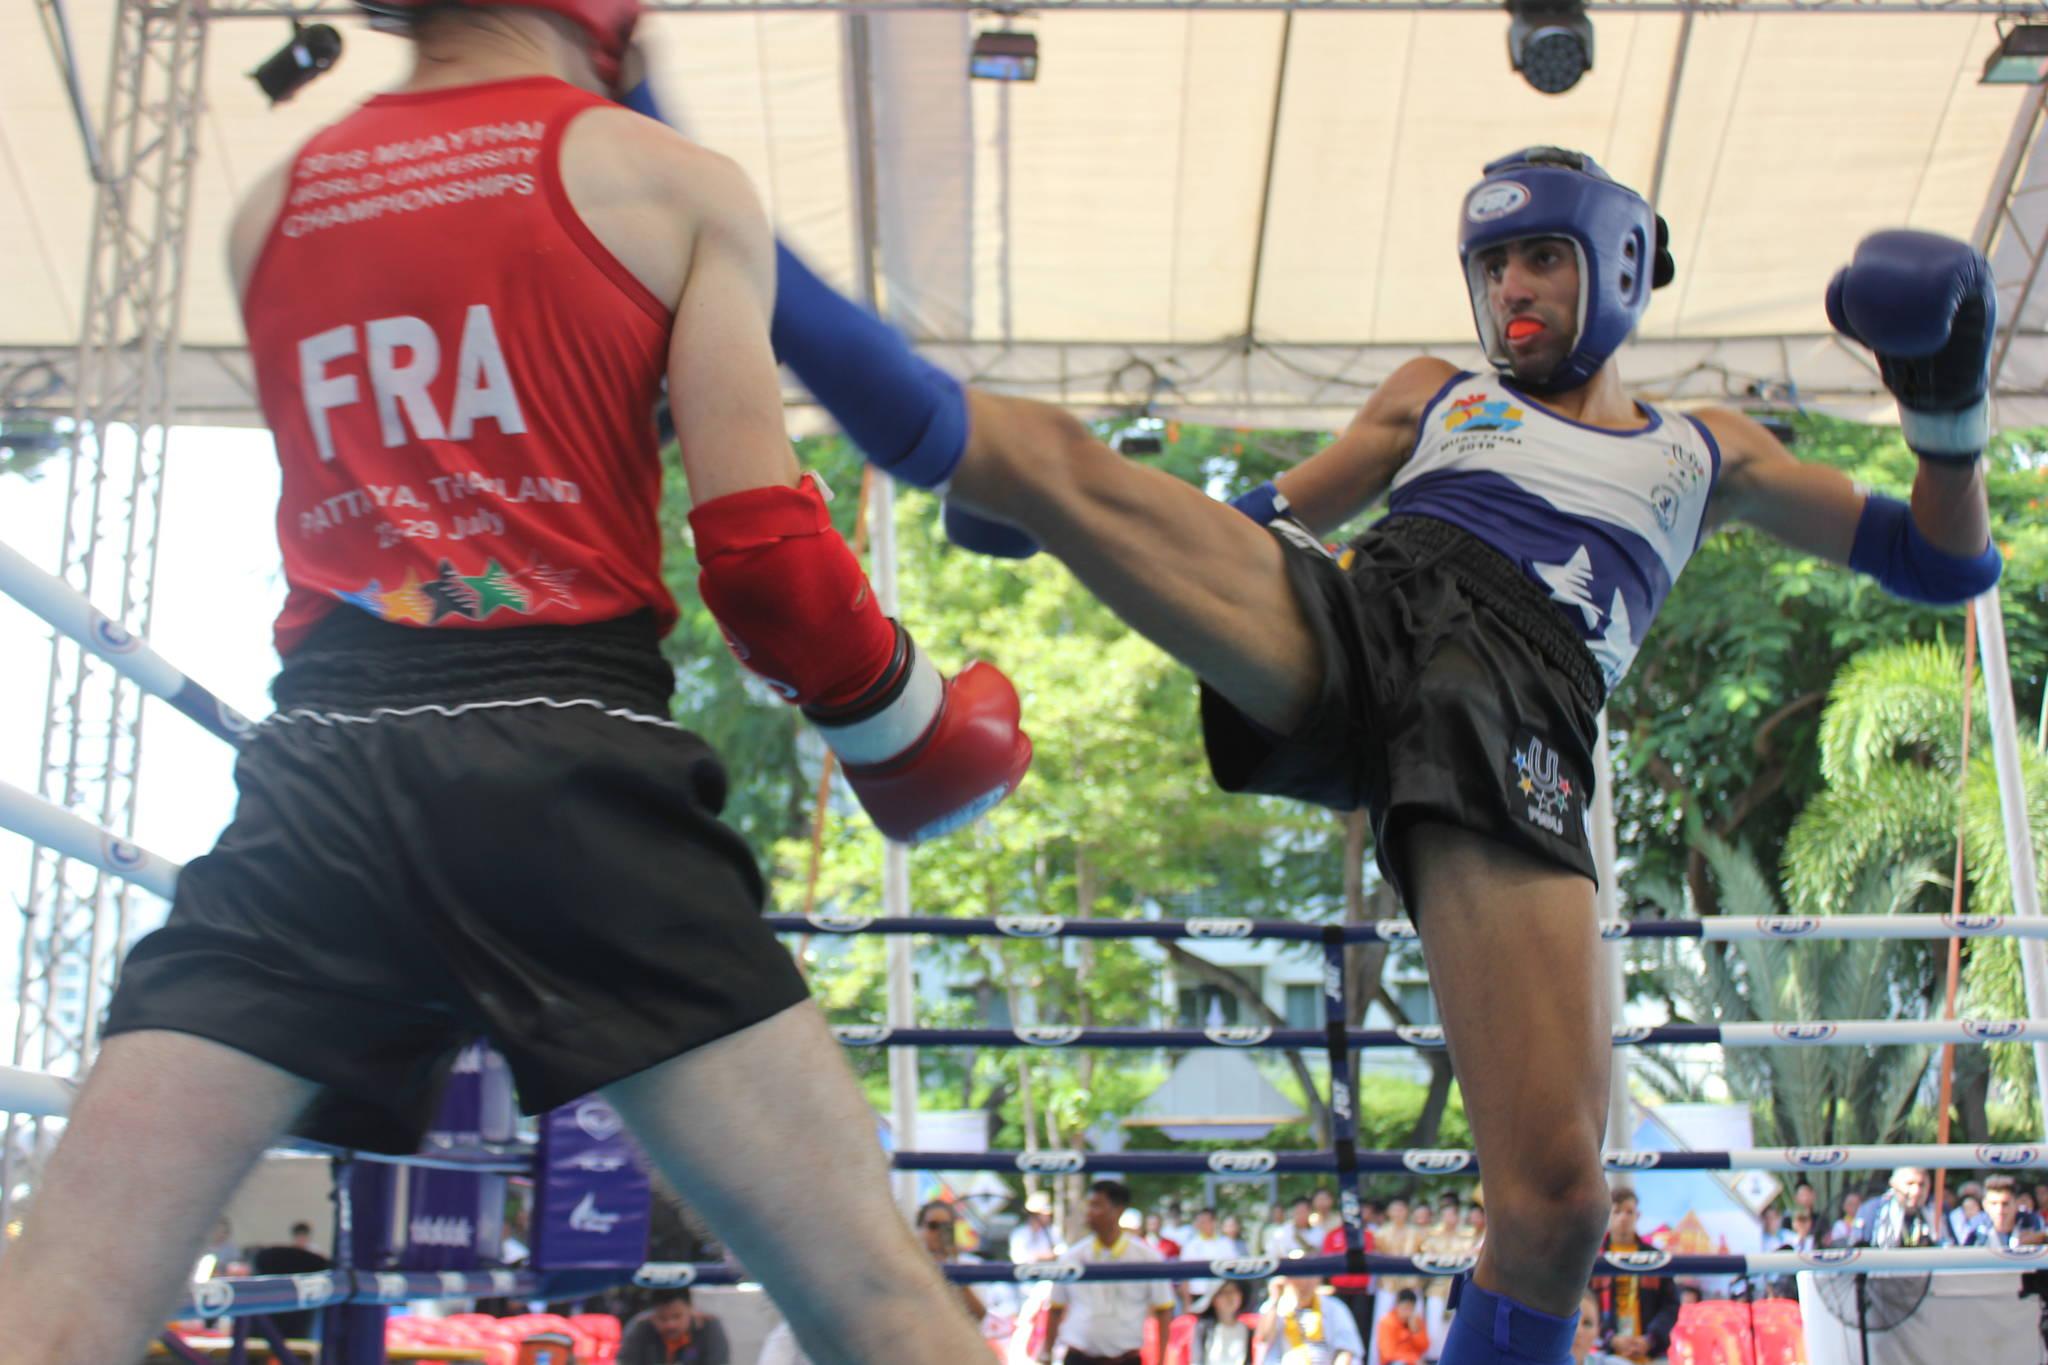 World Champion Nili Block packs a punch at WUC Muaythai